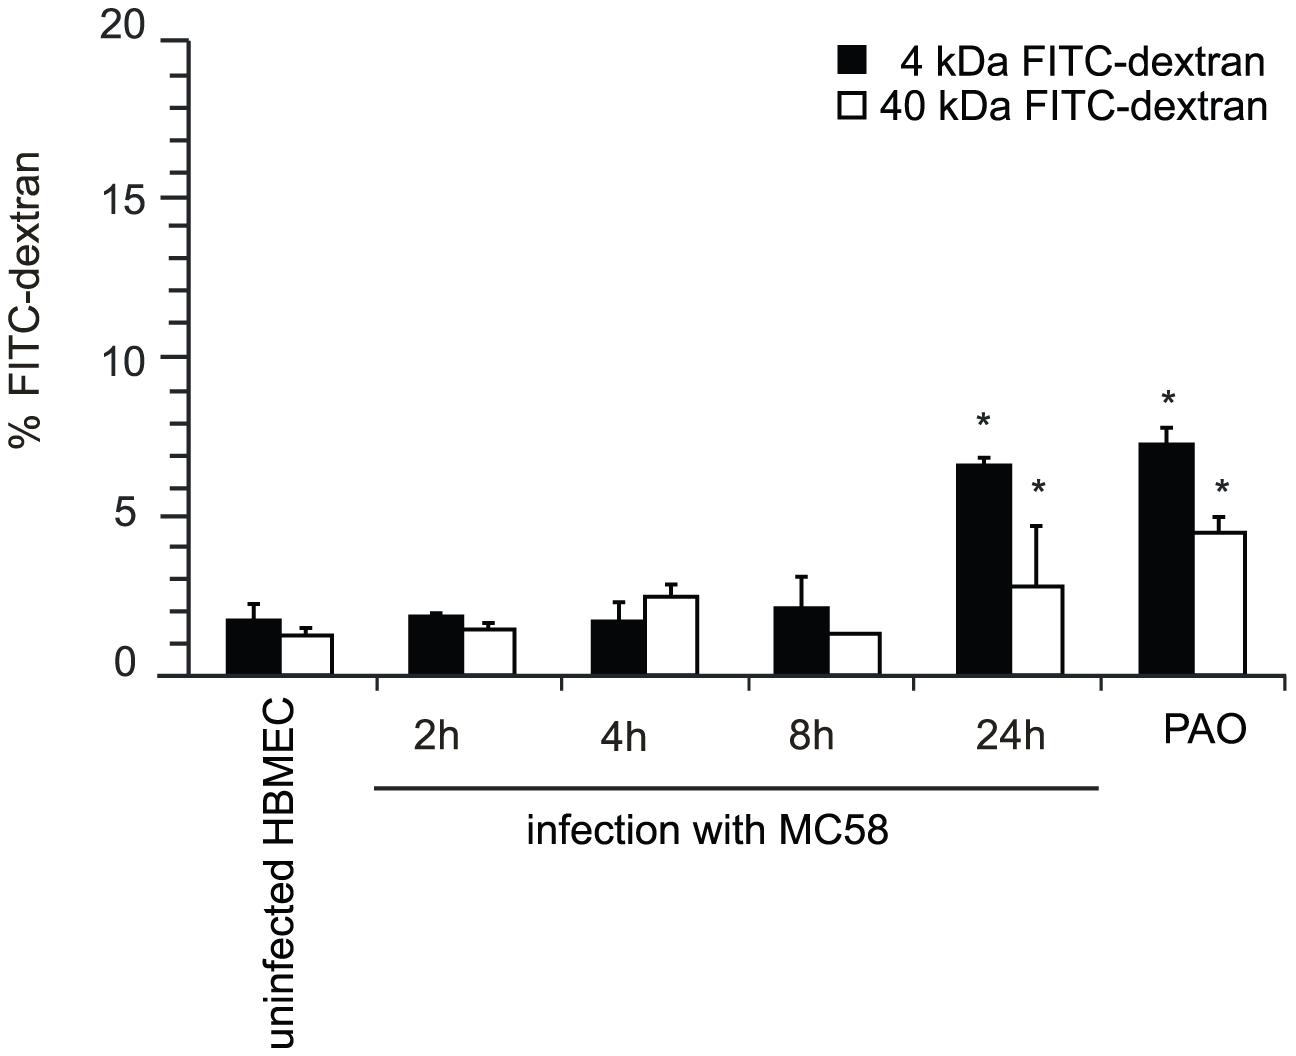 <i>N. meningitidis</i> infection alters the paracellular permeability of HBMEC.